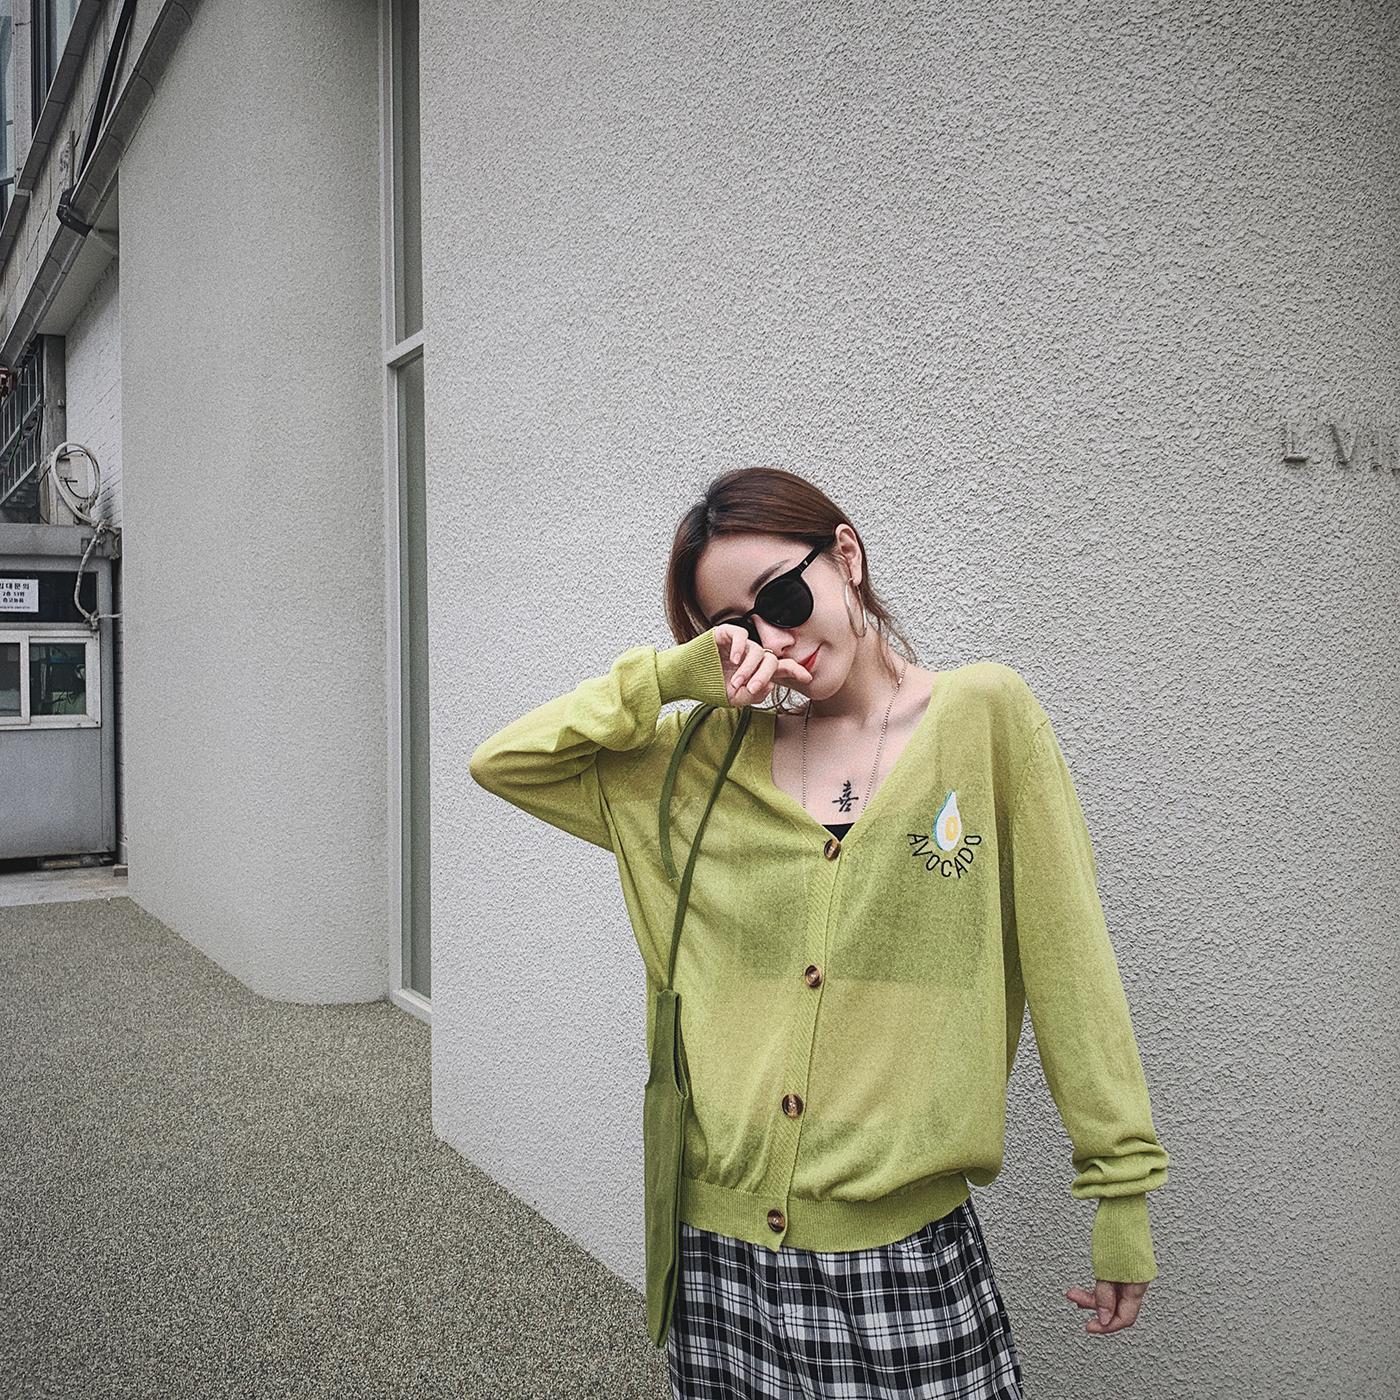 甜心家 牛油果刺绣薄款冰丝针织小开衫 宽松透气防晒外套女装夏季